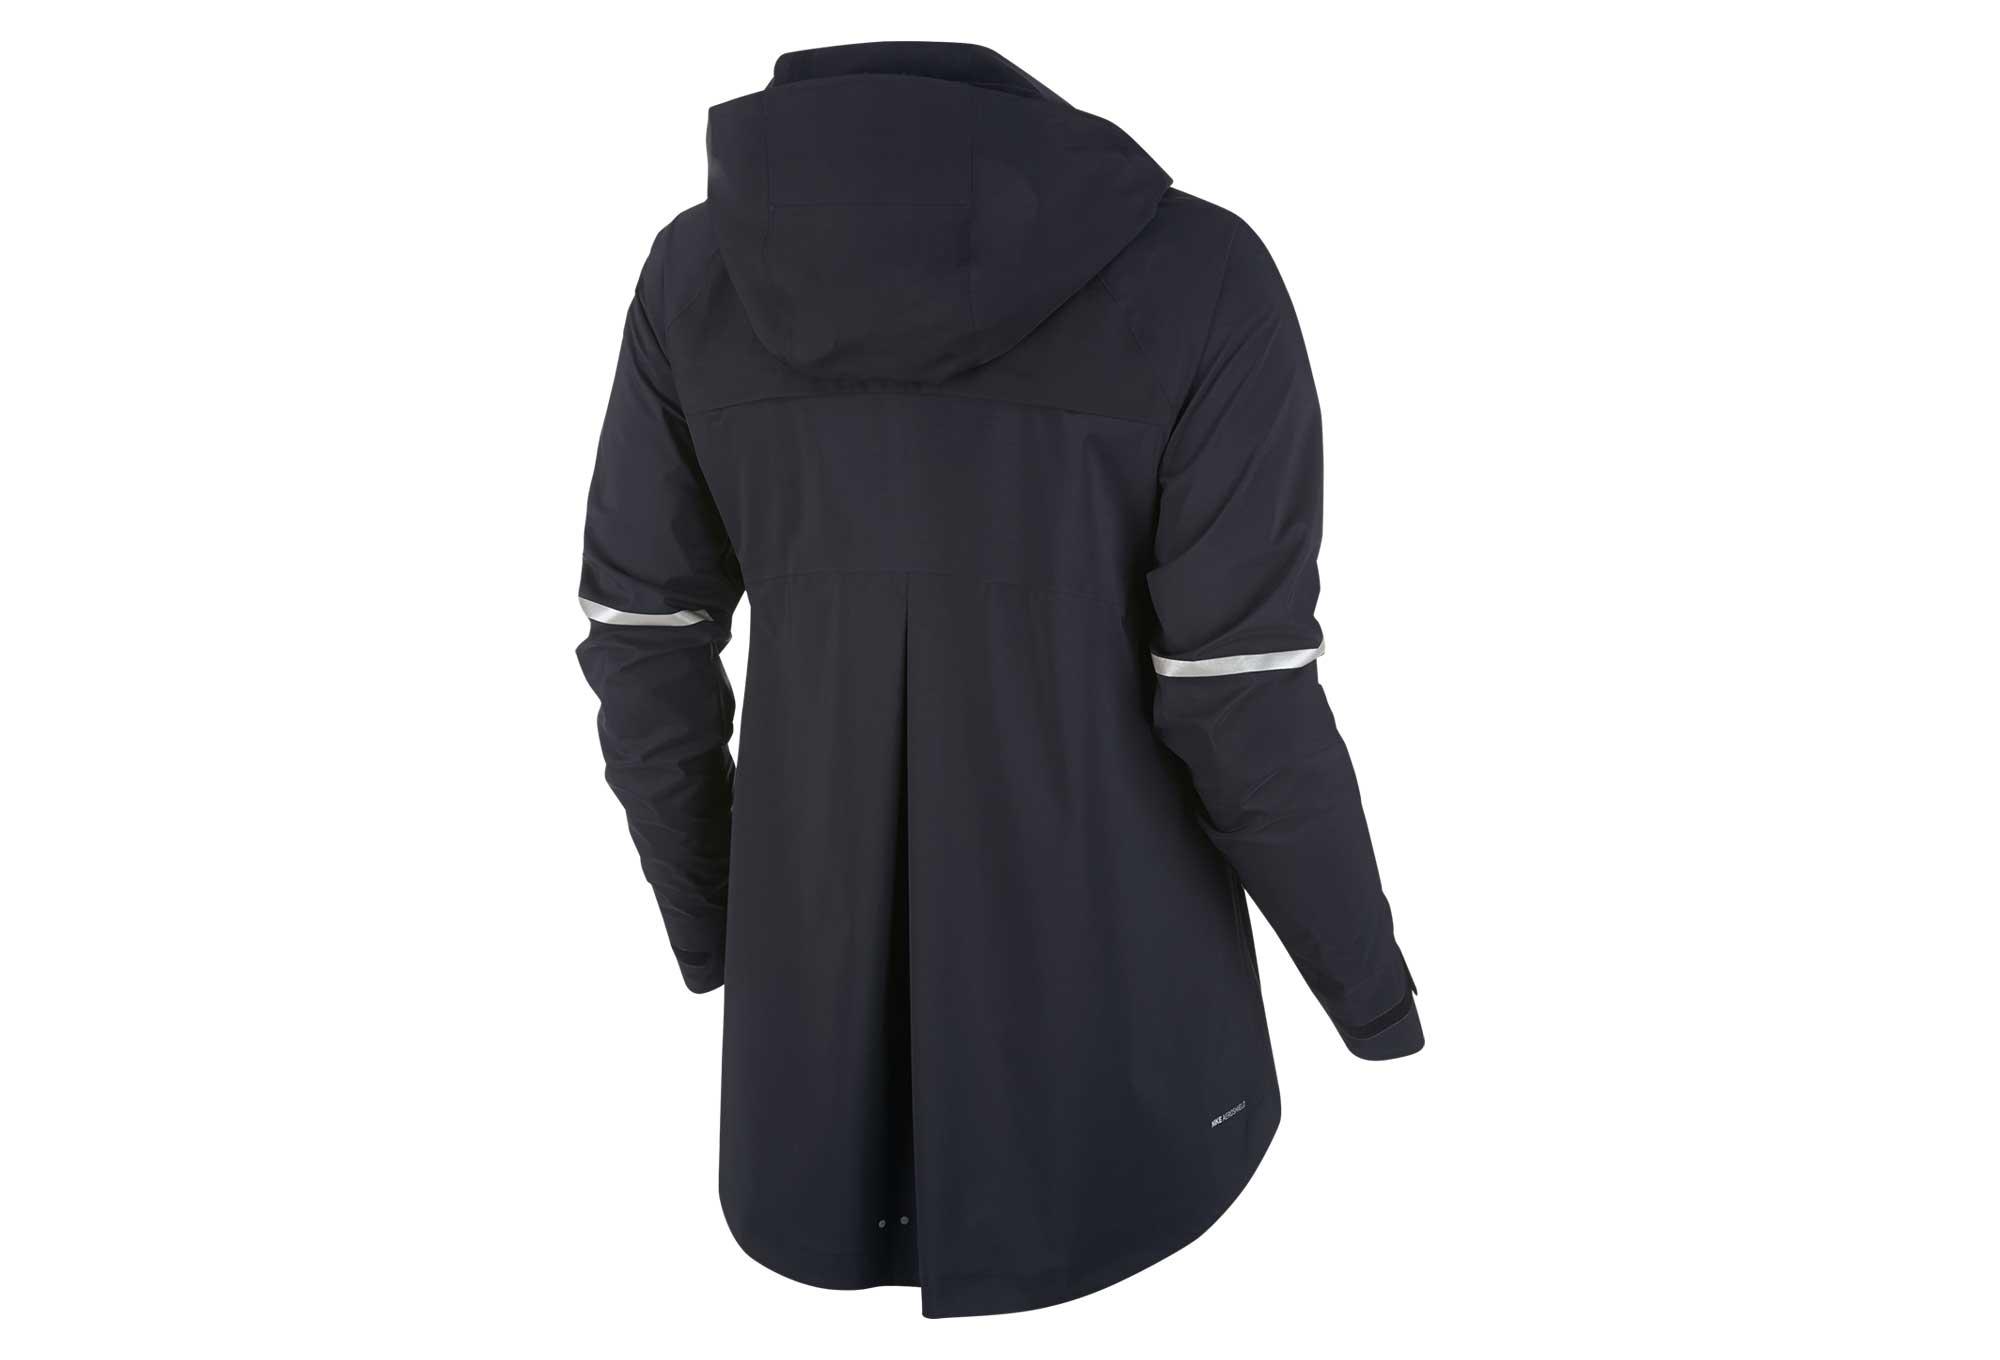 Veste Coupe-Vent Femme Nike Zonal AeroShield Noir | Alltricks.fr